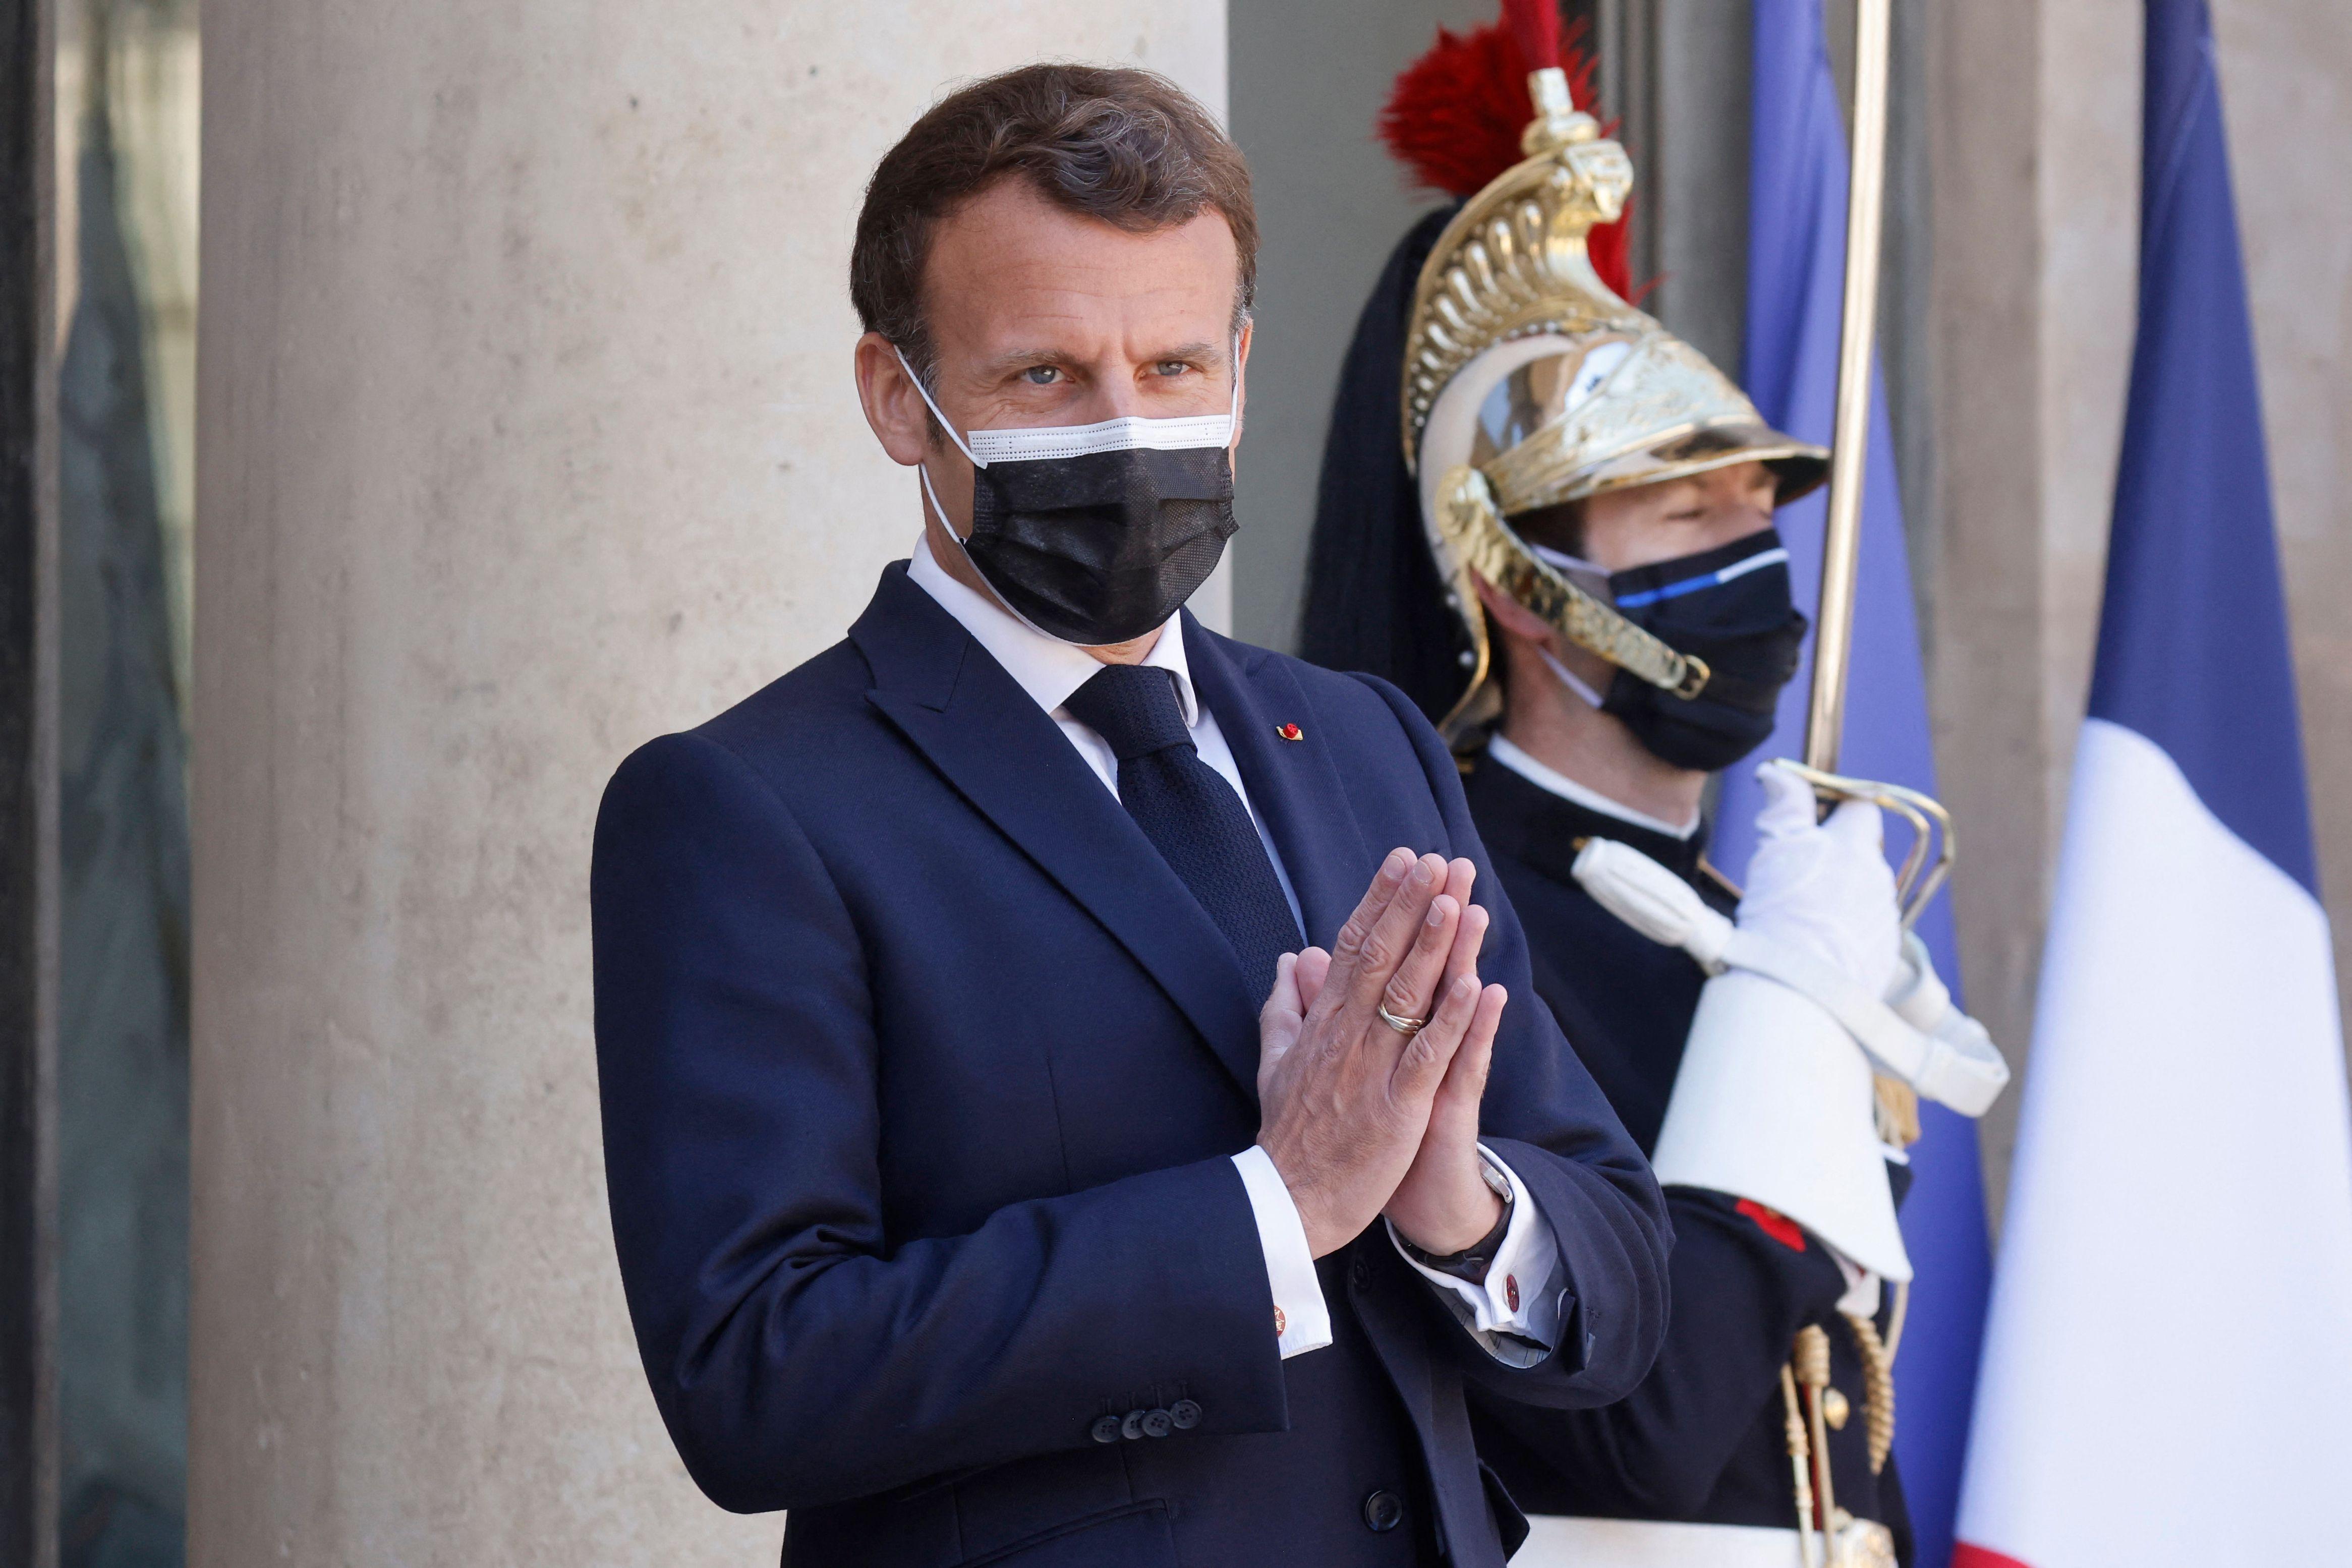 Selon Emmanuel Macron, qui s'exprimait devant des maires mardi 27 avril, le couvre-feu devrait rester...